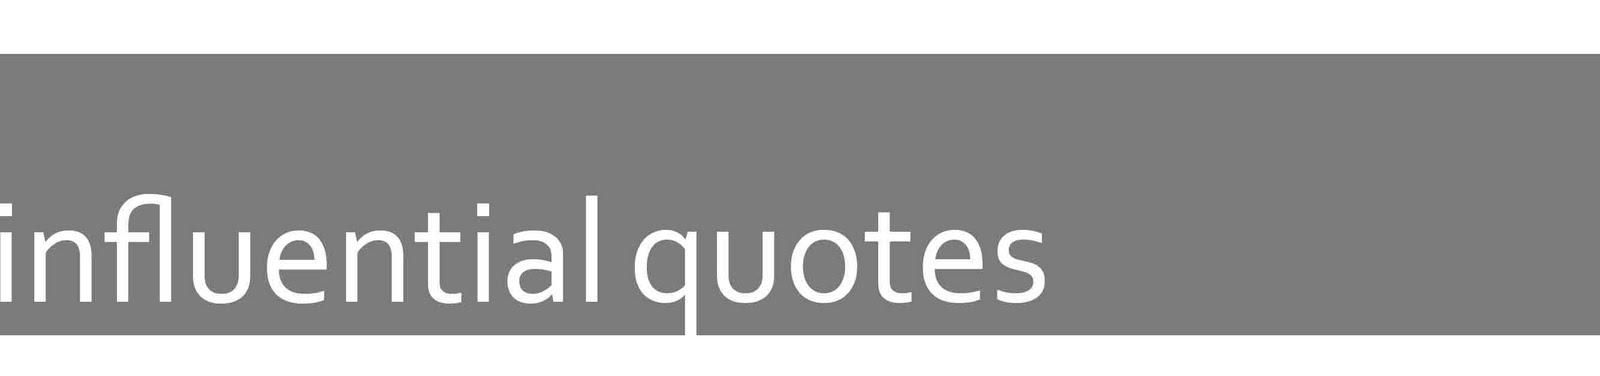 Influential quote #2